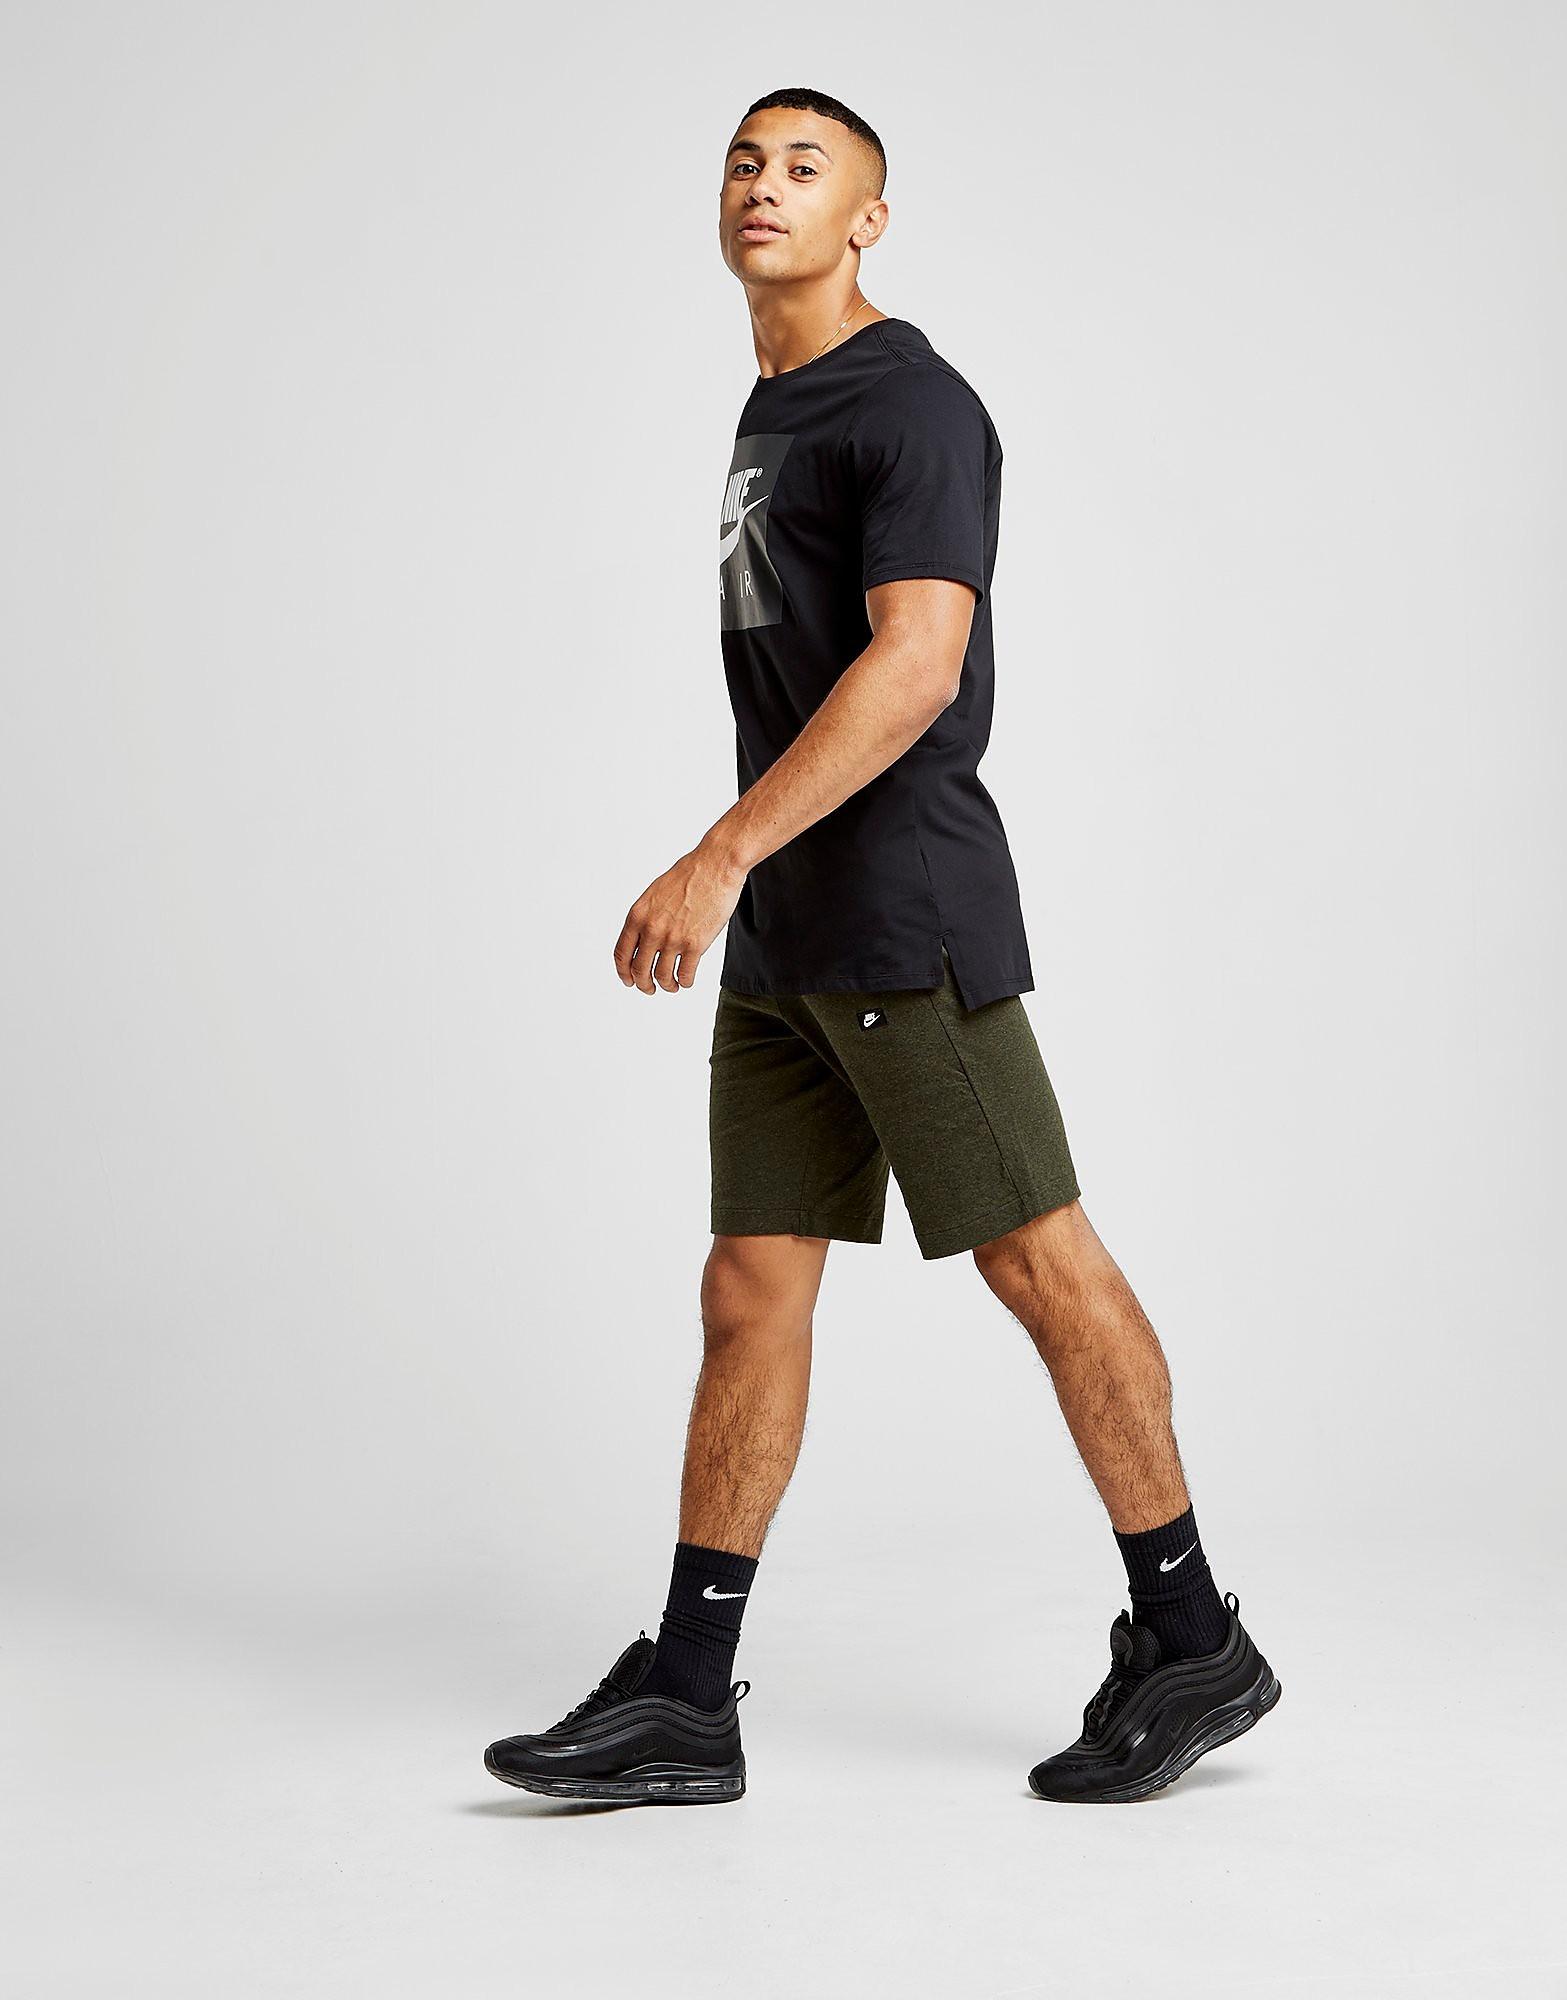 Nike Modern Lightweight Shorts